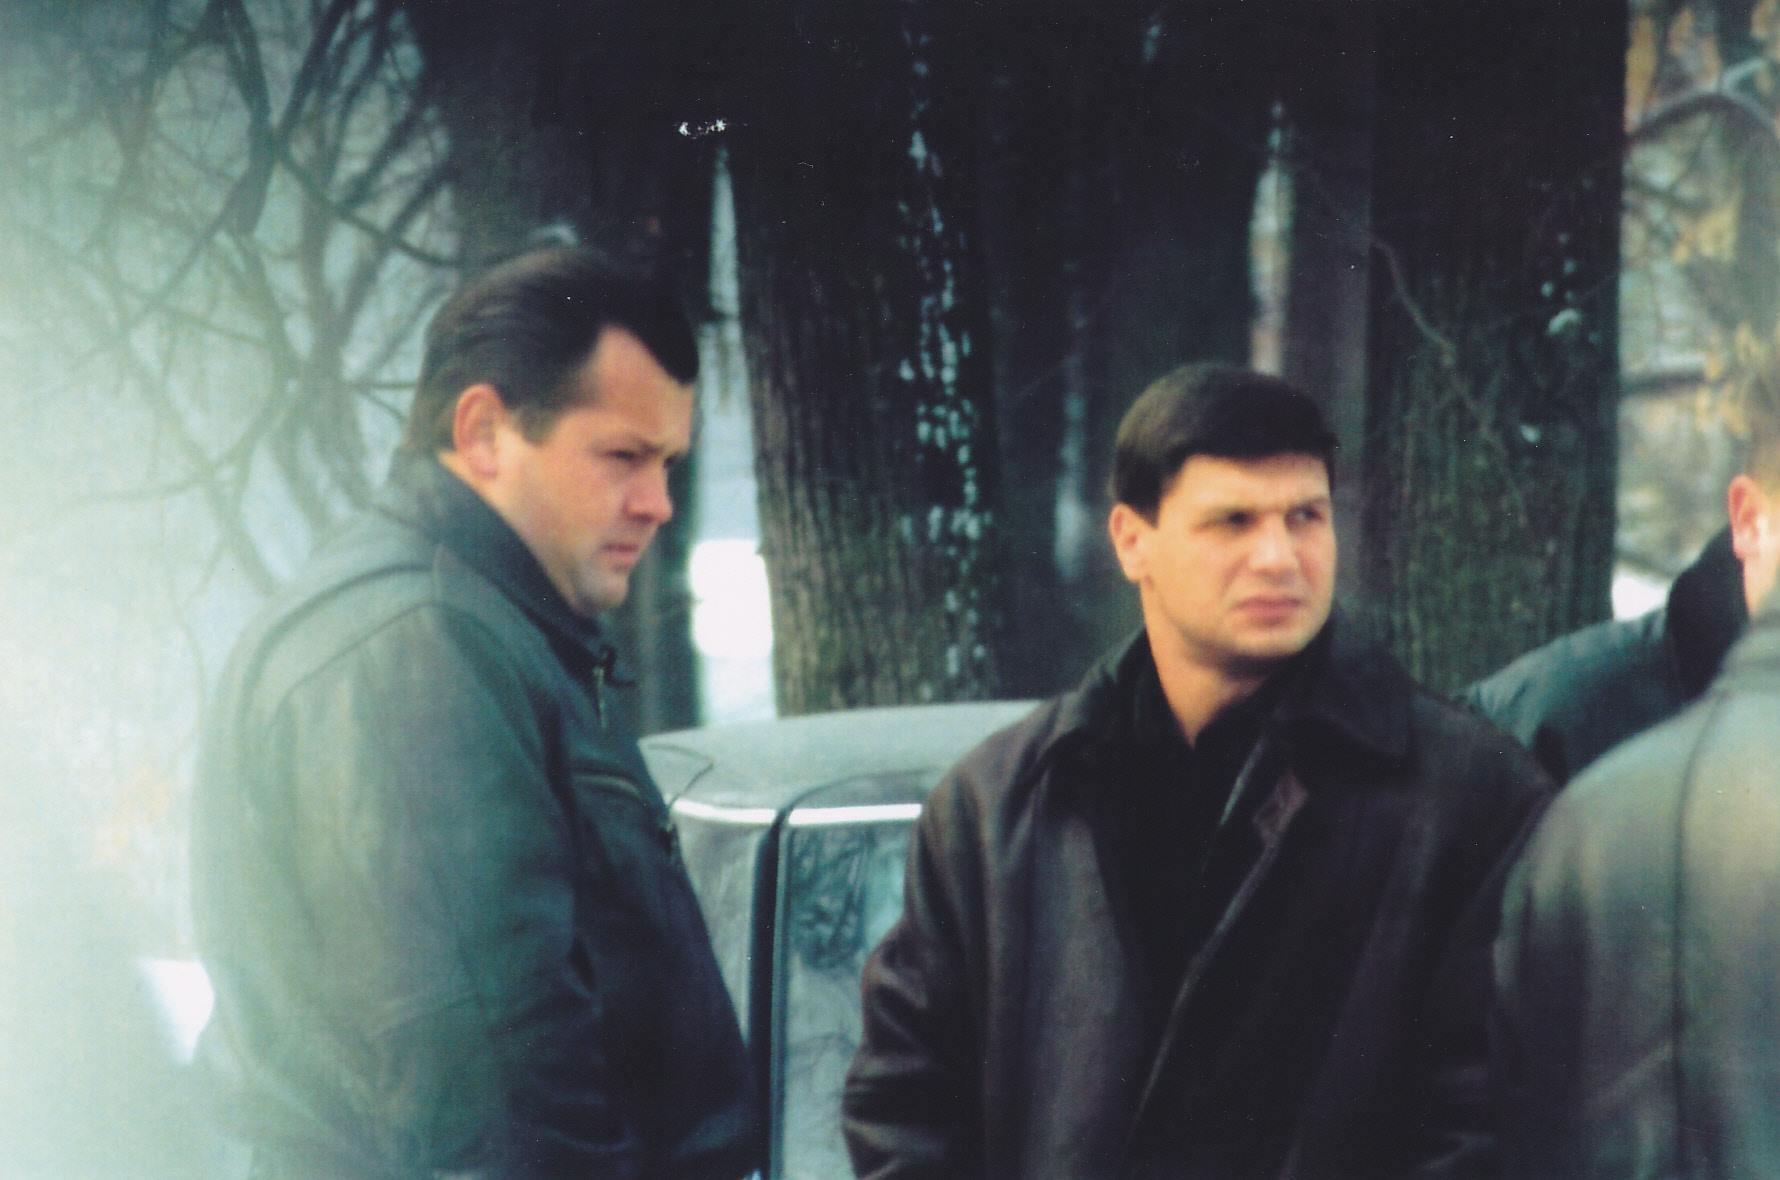 Александр Шарапов (Шарап) и Андрей Пылев (Малой). Фото © Facebook / Алексей Шерстобитов